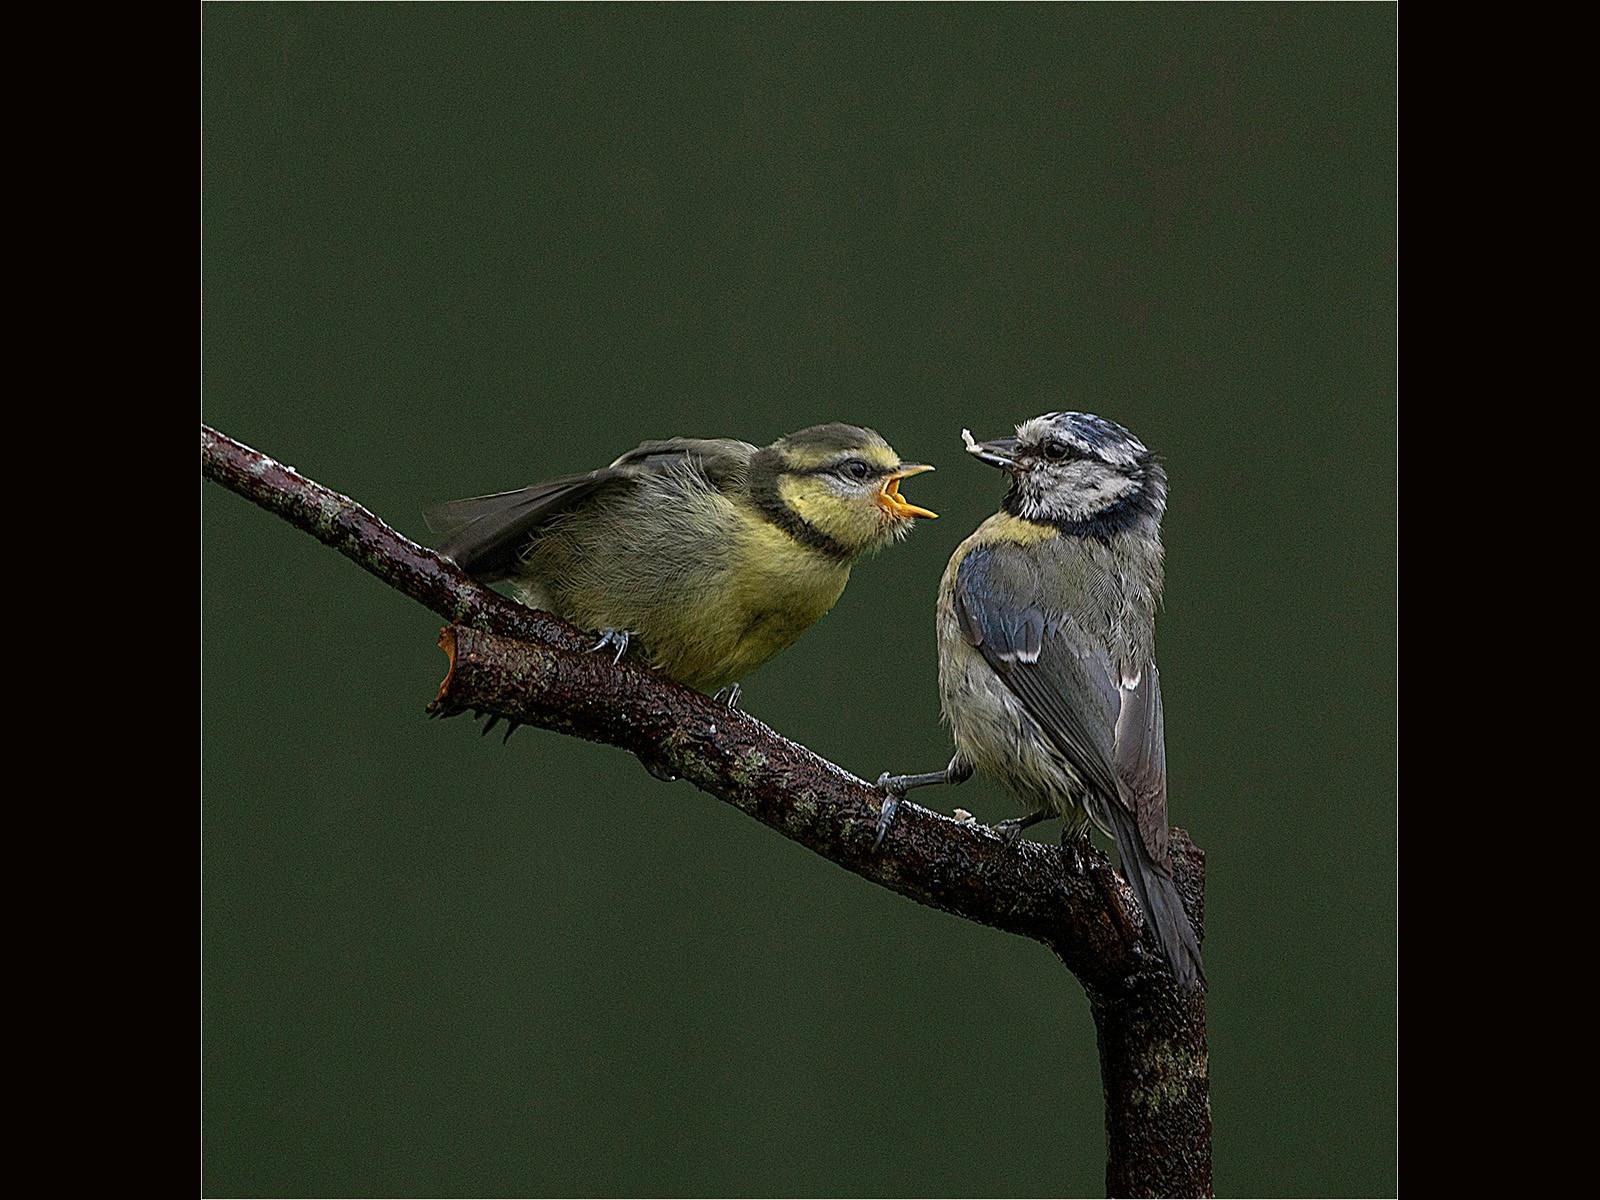 Female Blue Tit Feeding Young